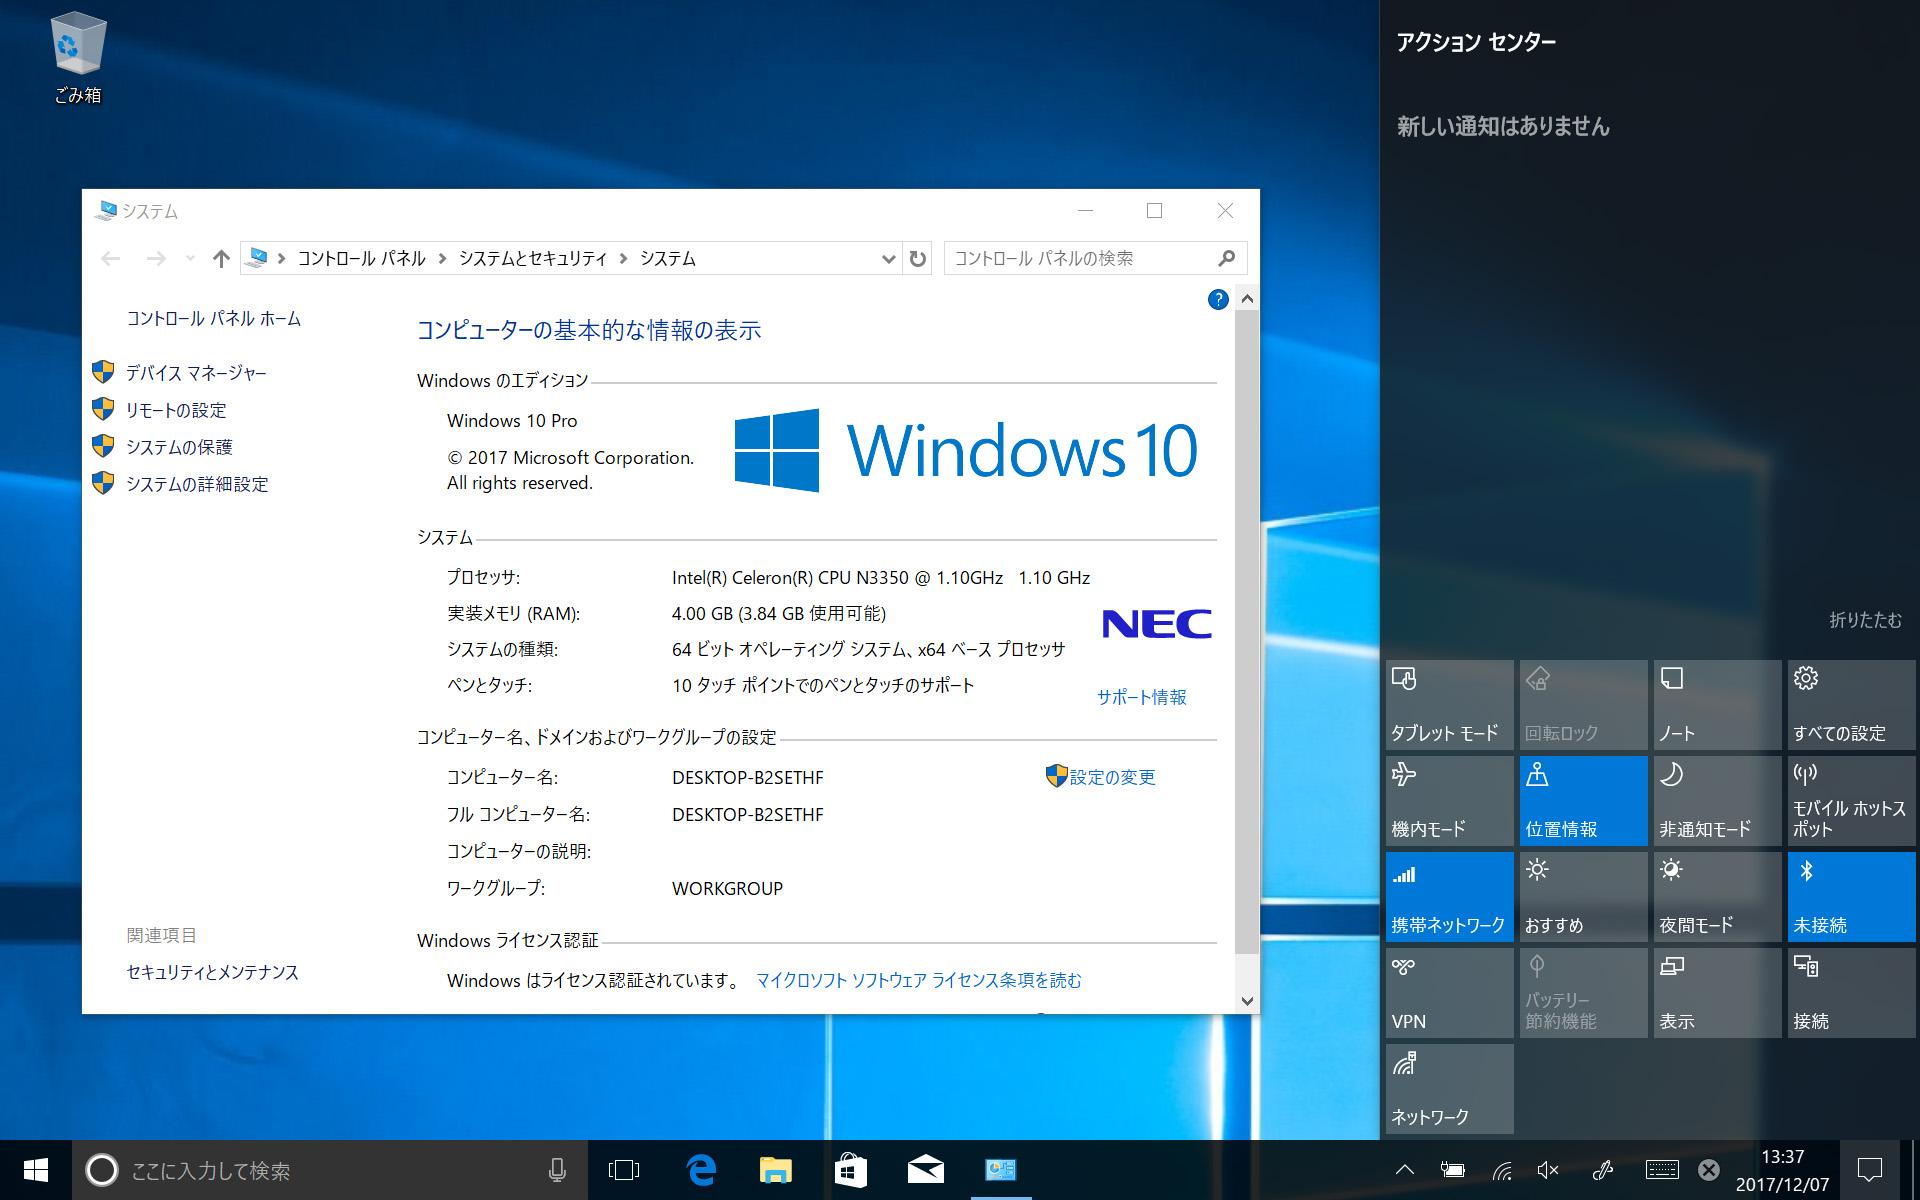 起動時のデスクトップ。Windows 10標準